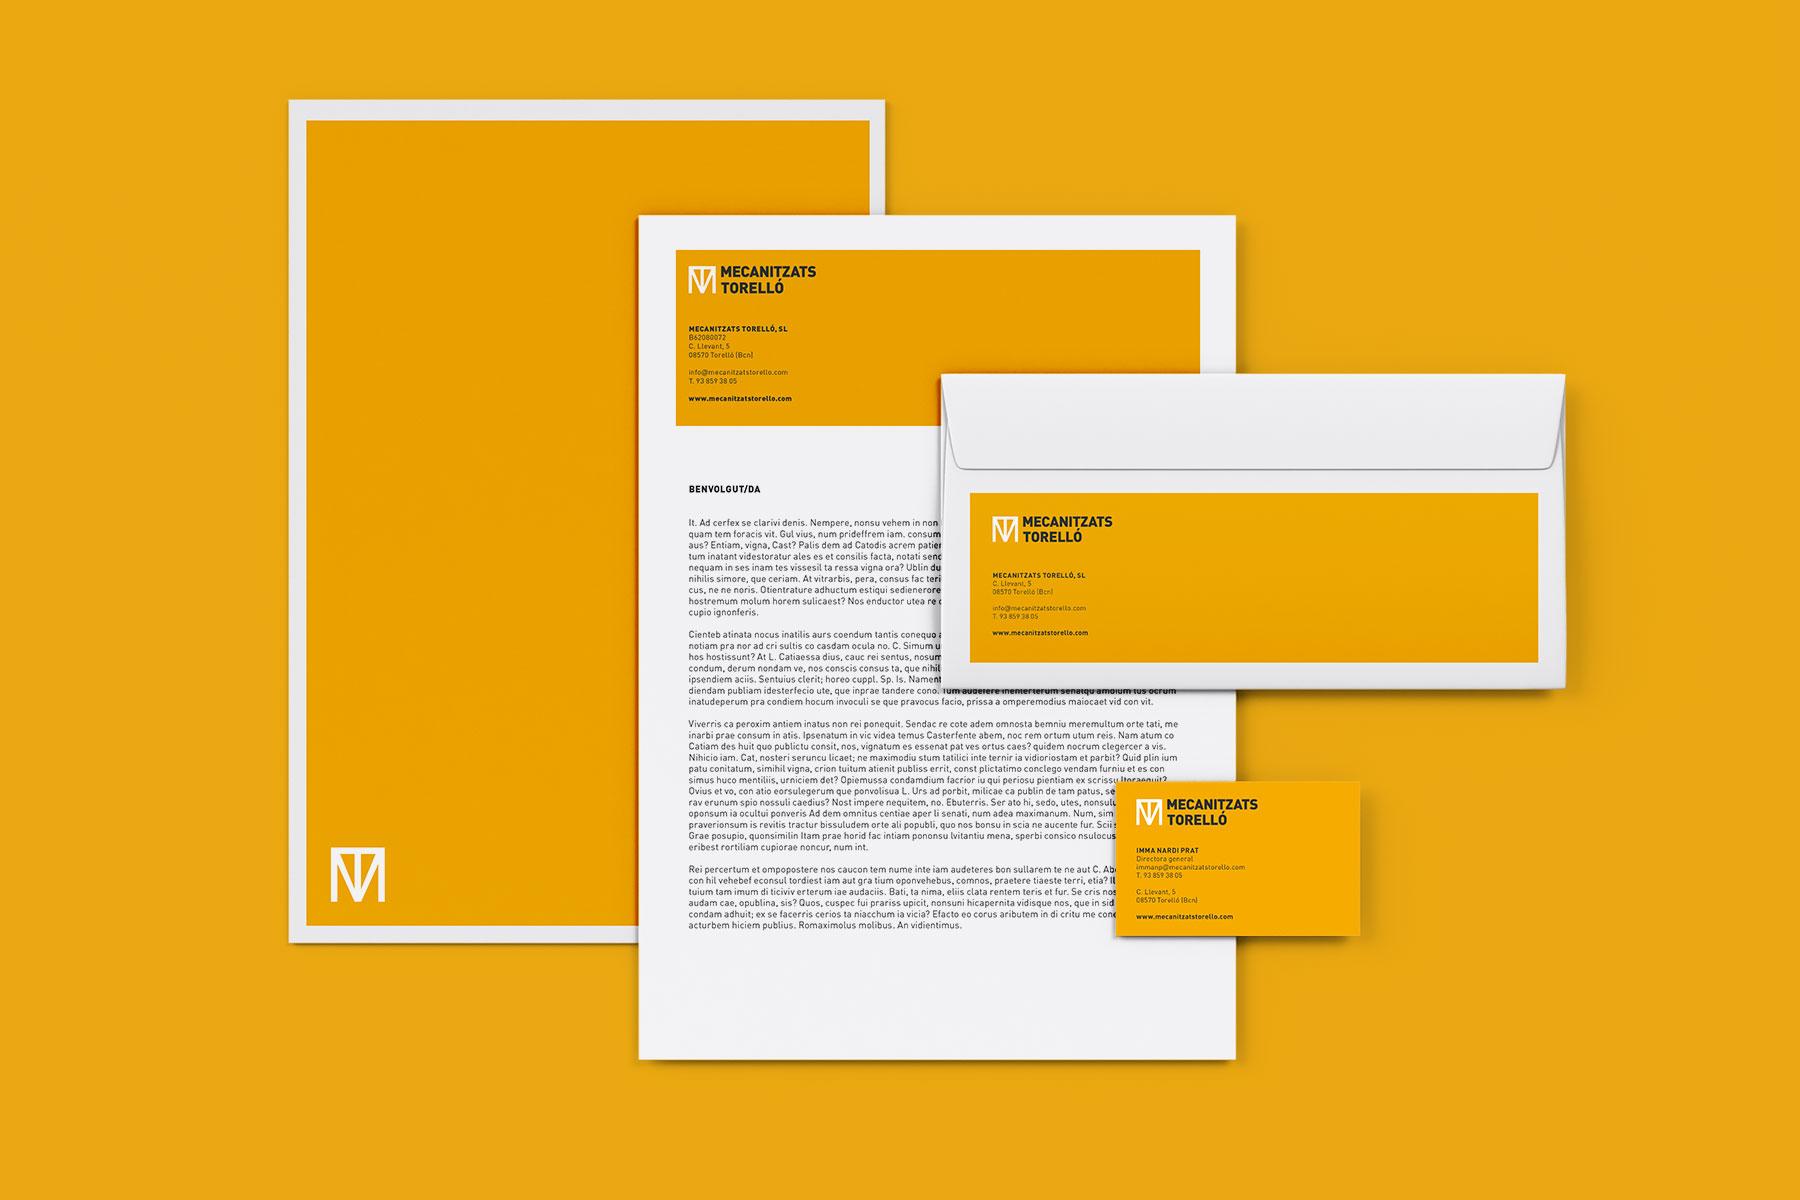 Mecanitzats-Torello-Disseny-Grafic-Marca-02